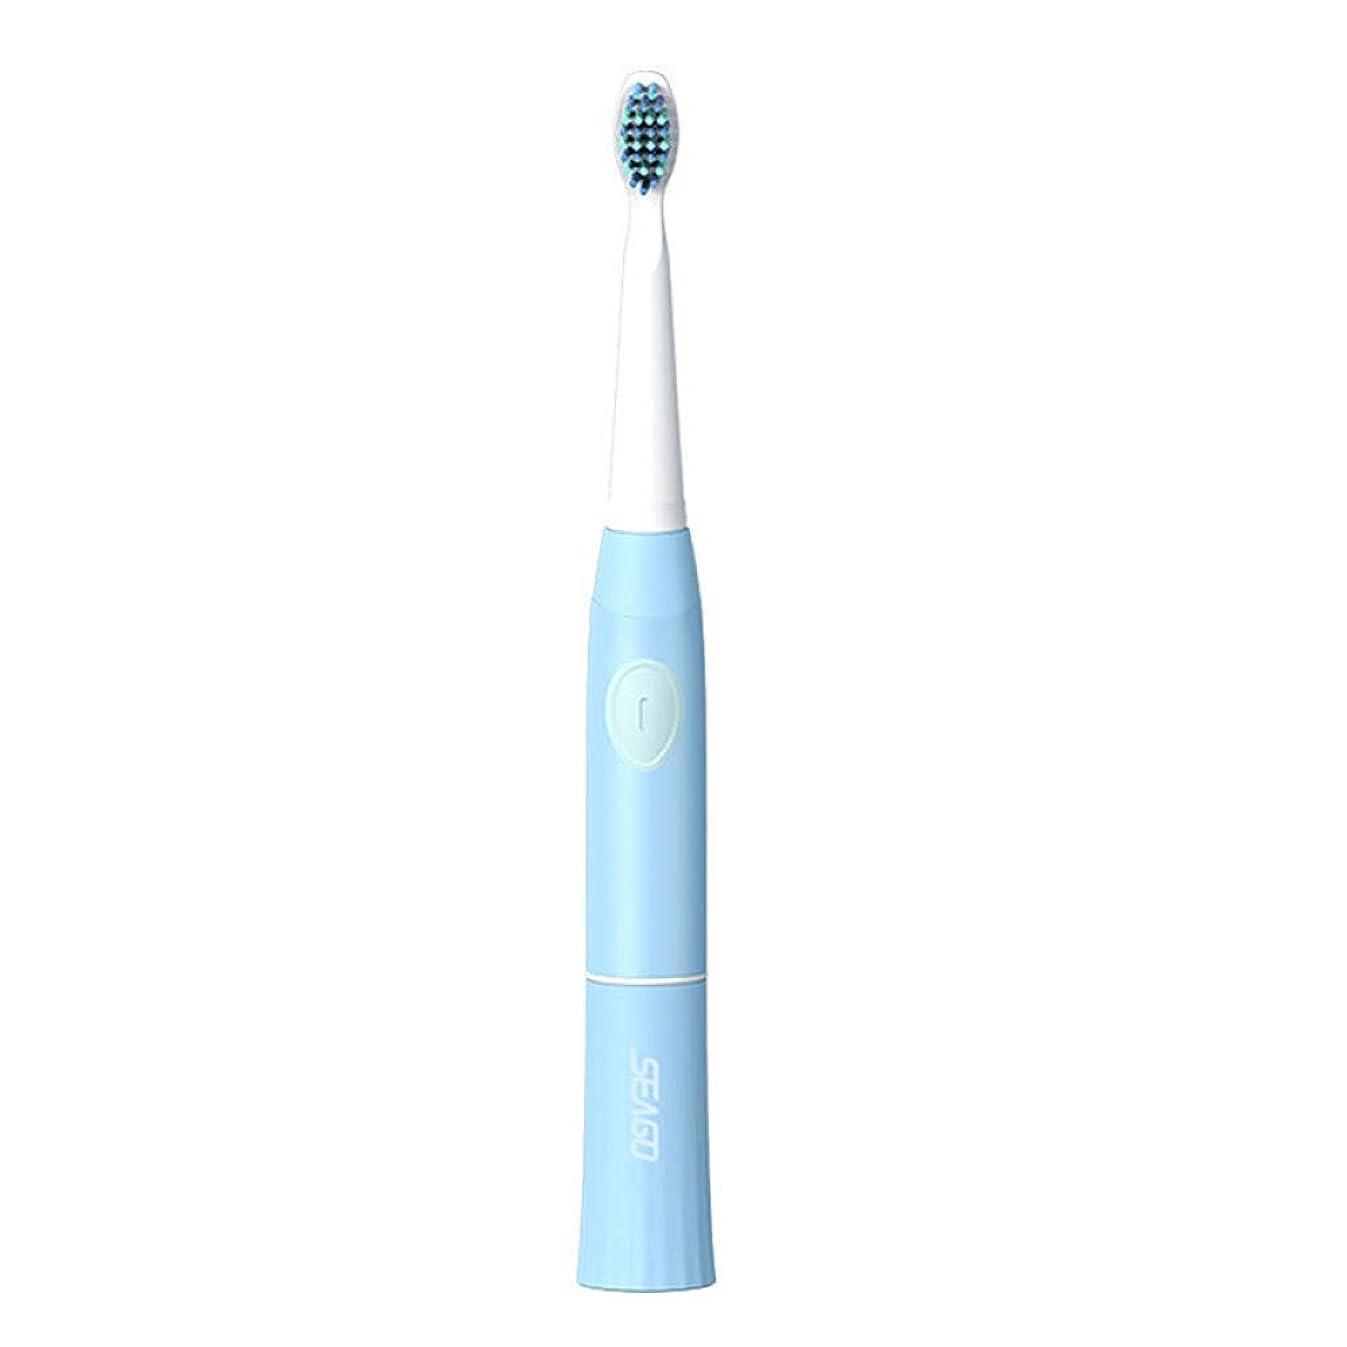 元気科学的ながら防水電動歯ブラシ充電式電子歯ブラシソニックヘッド大人タイマー歯ブラシ、ブルー